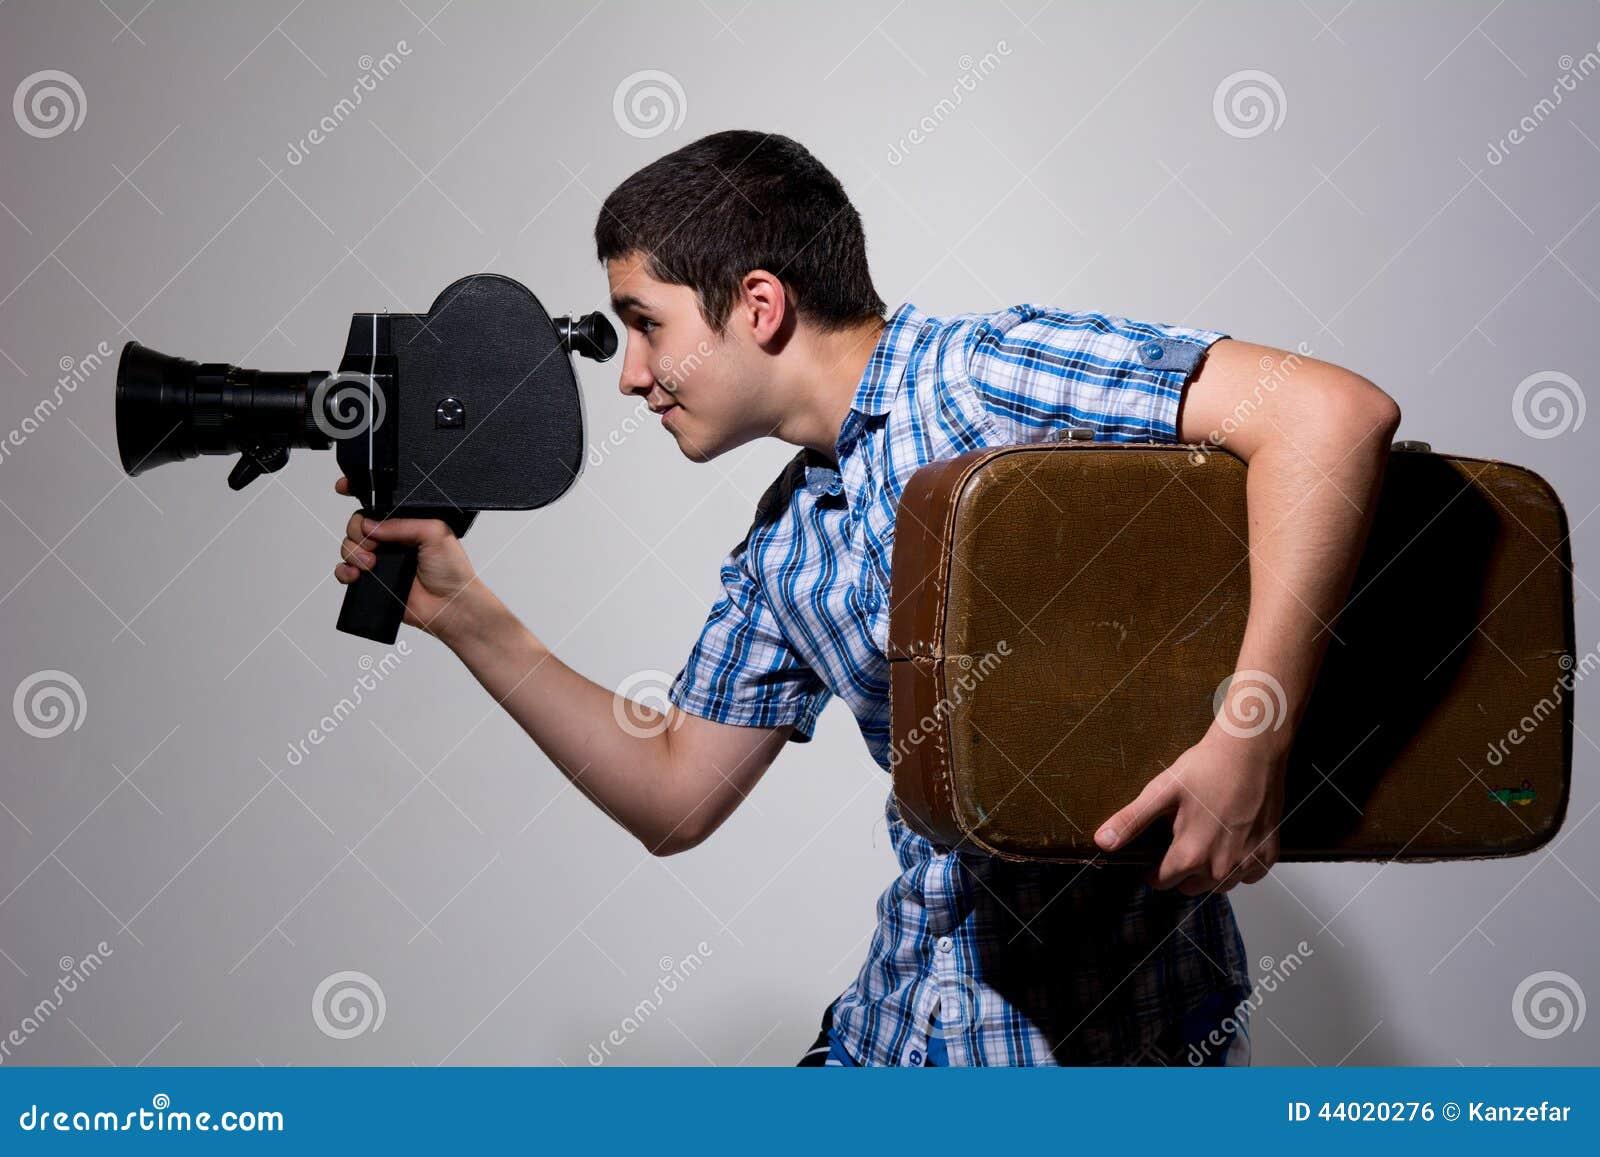 Камера гей фильмы